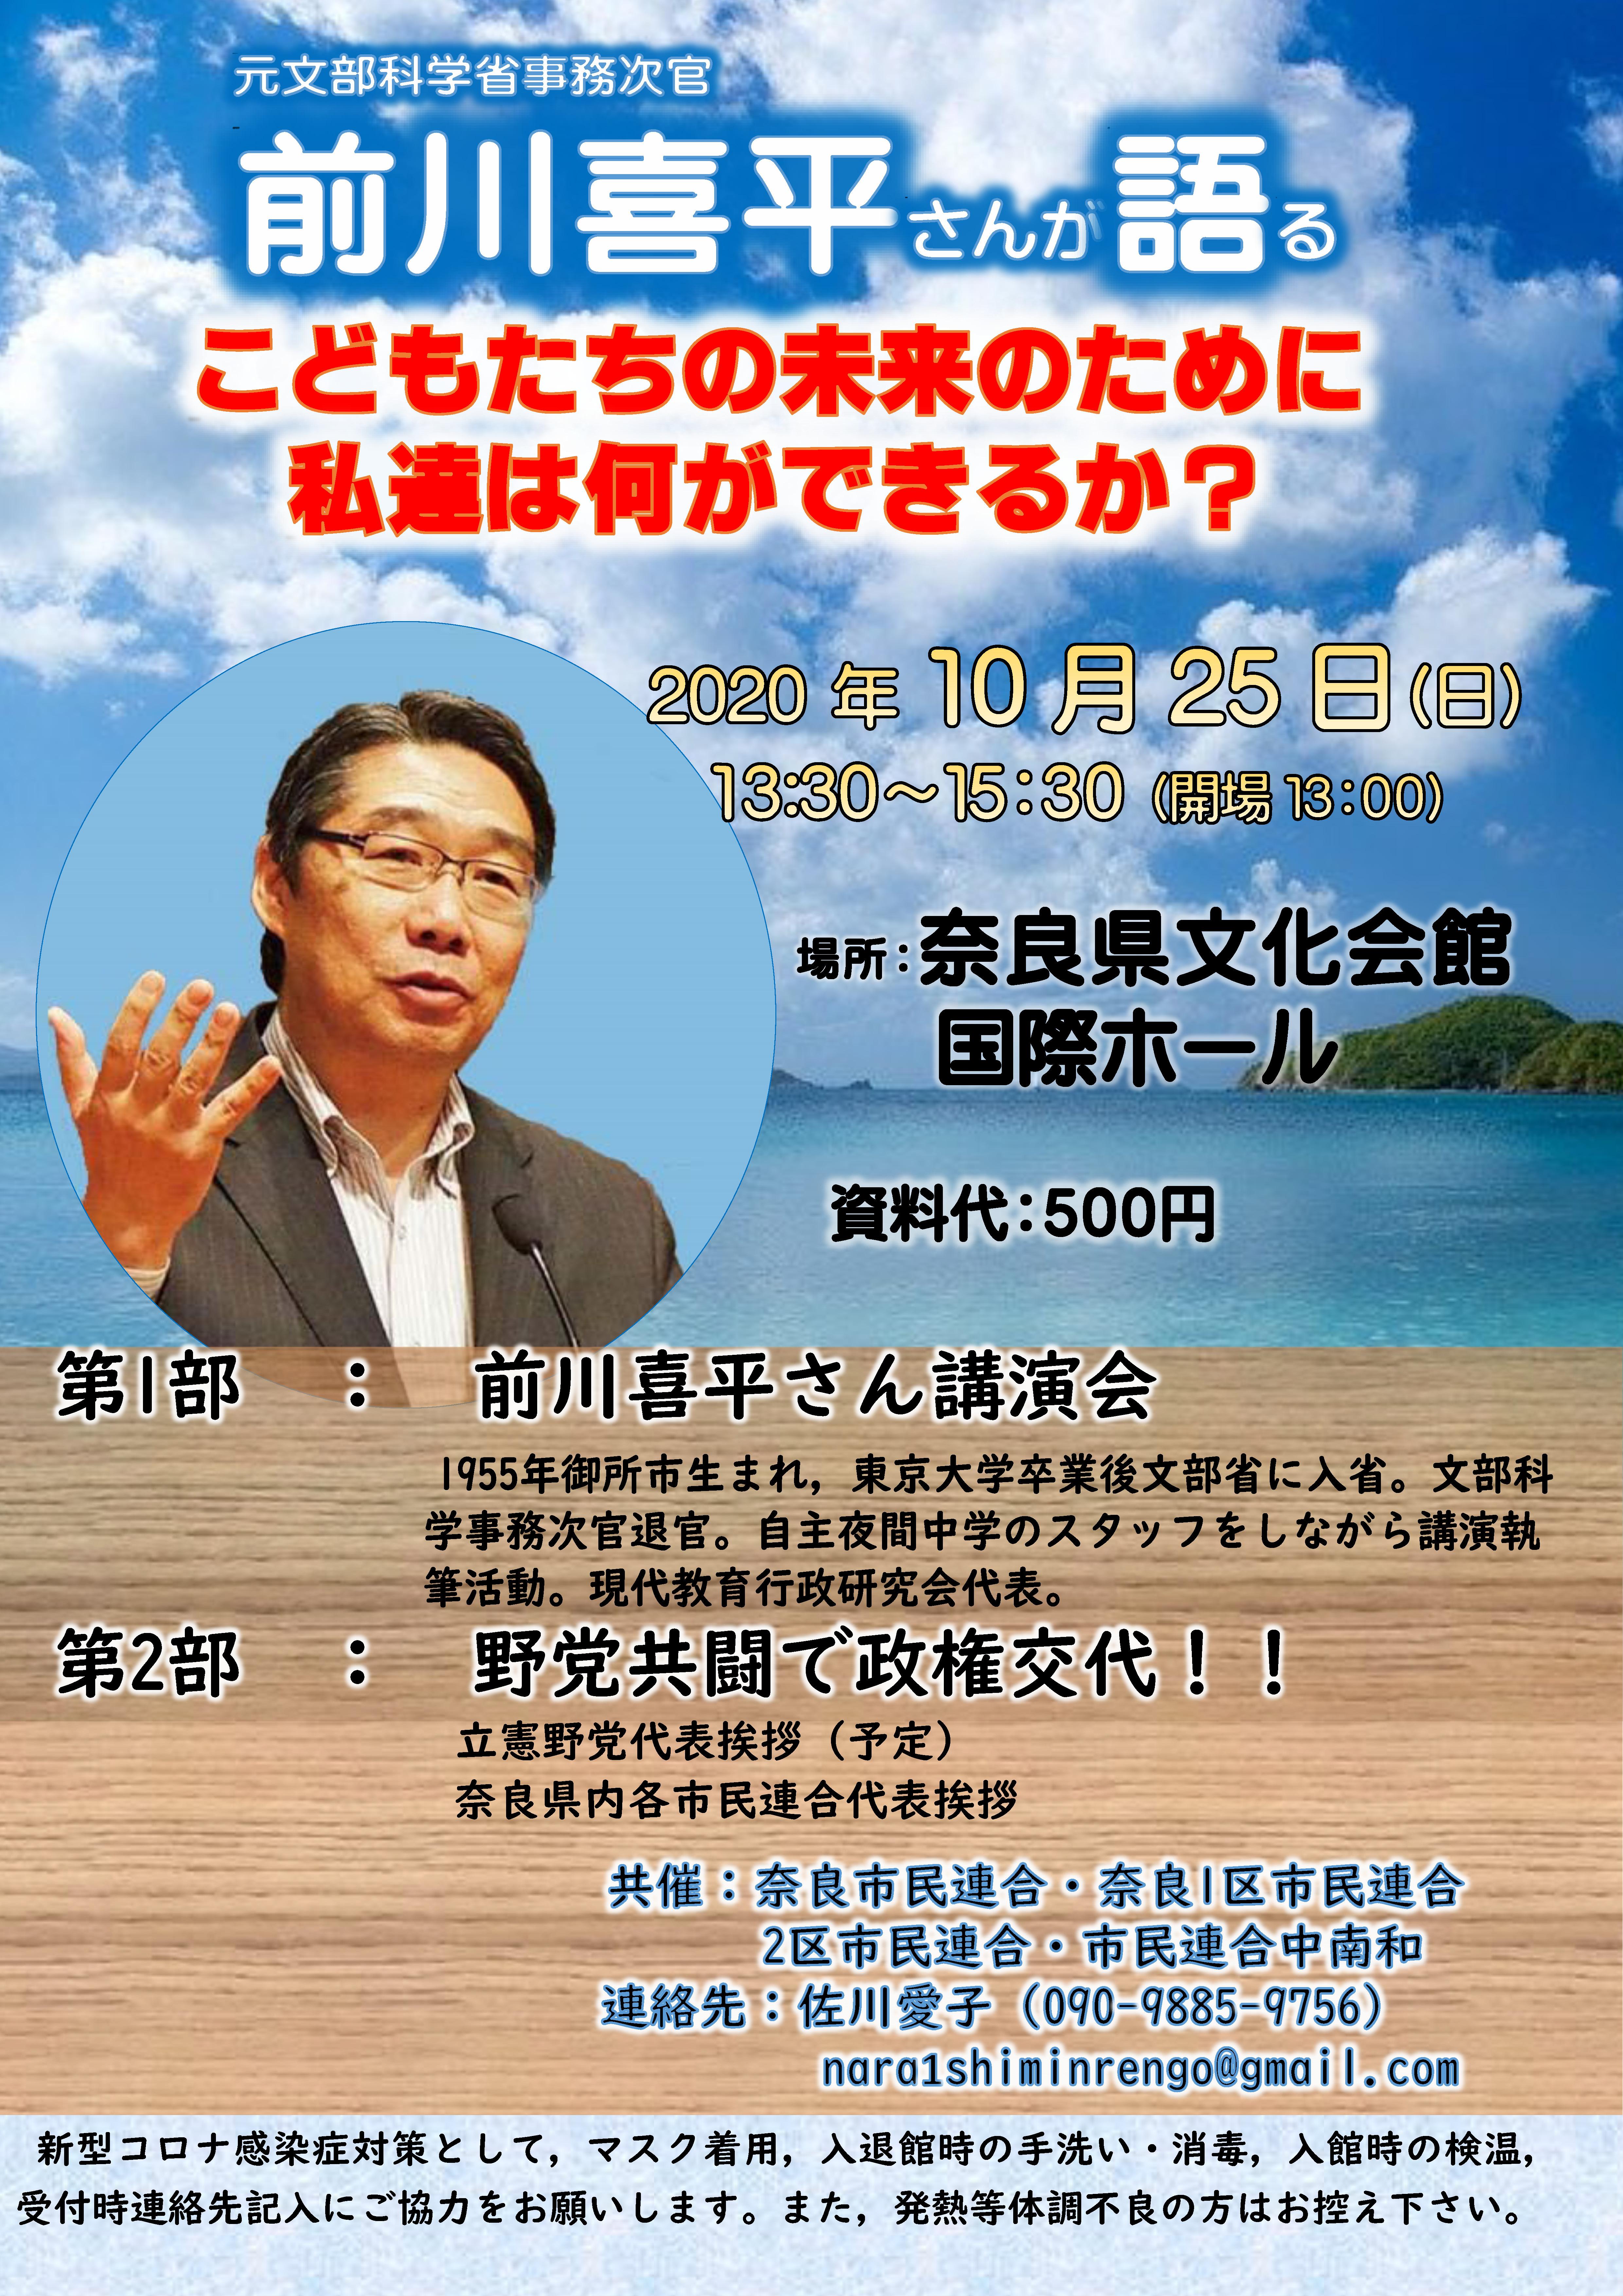 スケジュール - 九条の会奈良県ネットワーク